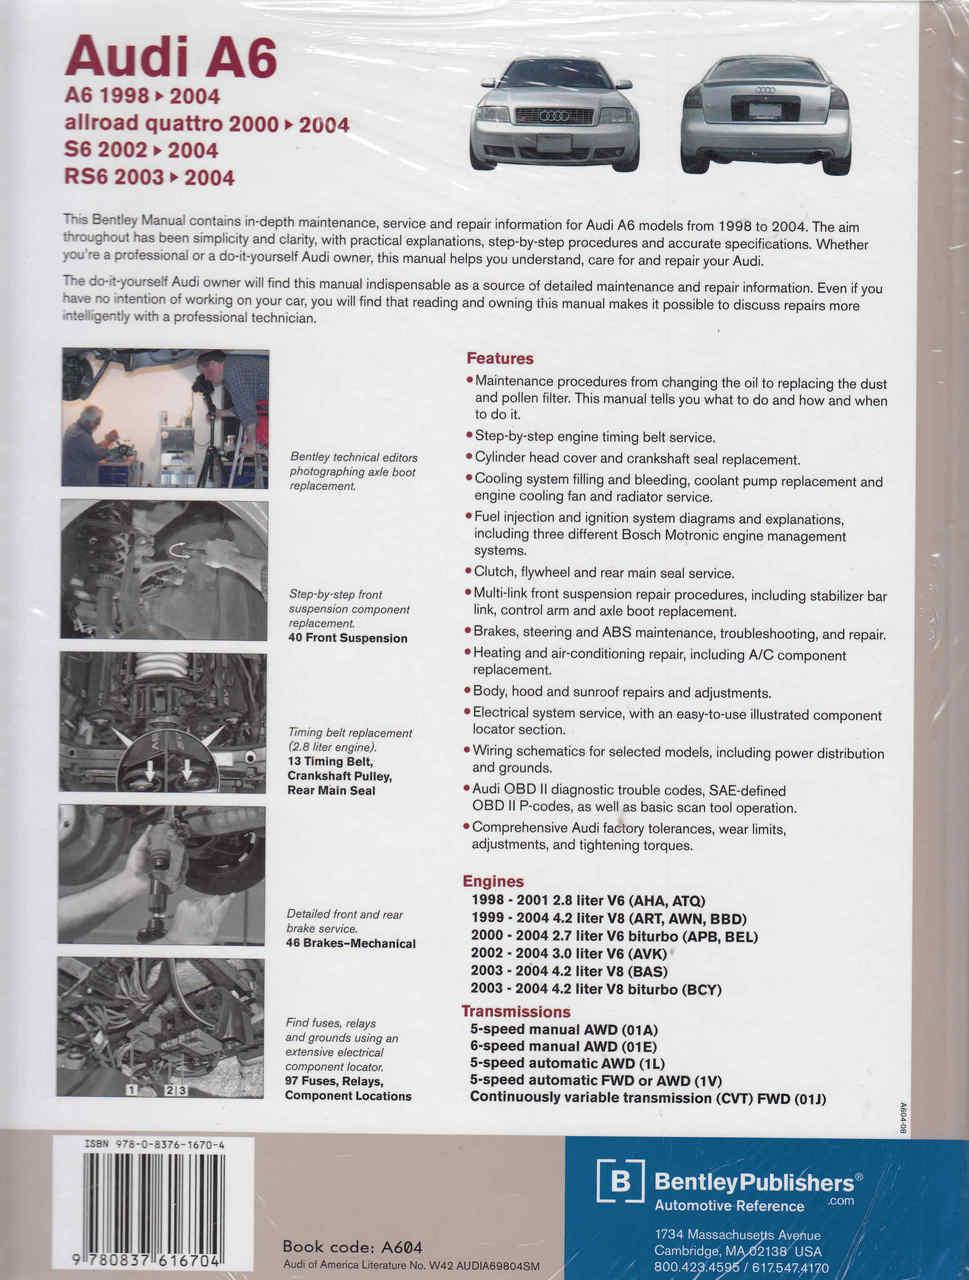 Audi C5 Platform A6 S6 Allroad Quattro Rs6 1998 2004 Workshop Manual